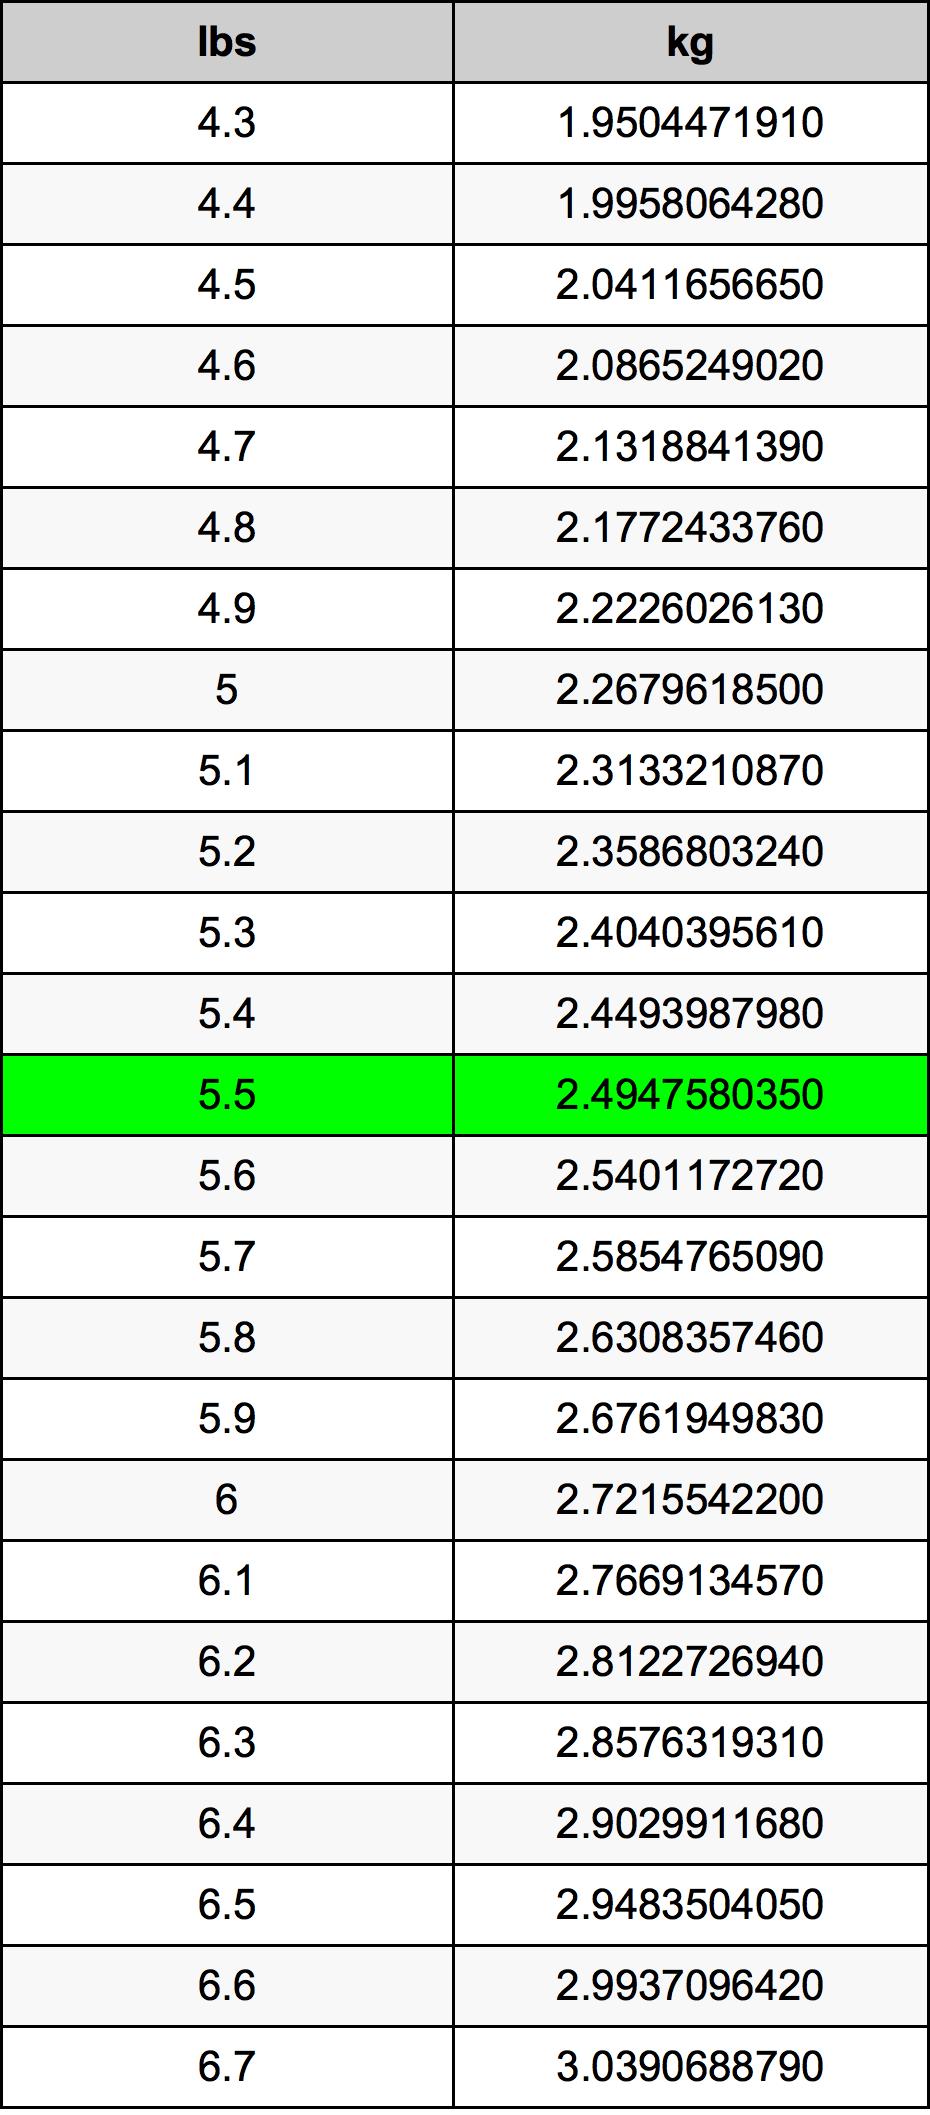 5.5 Lliura Taula de conversió